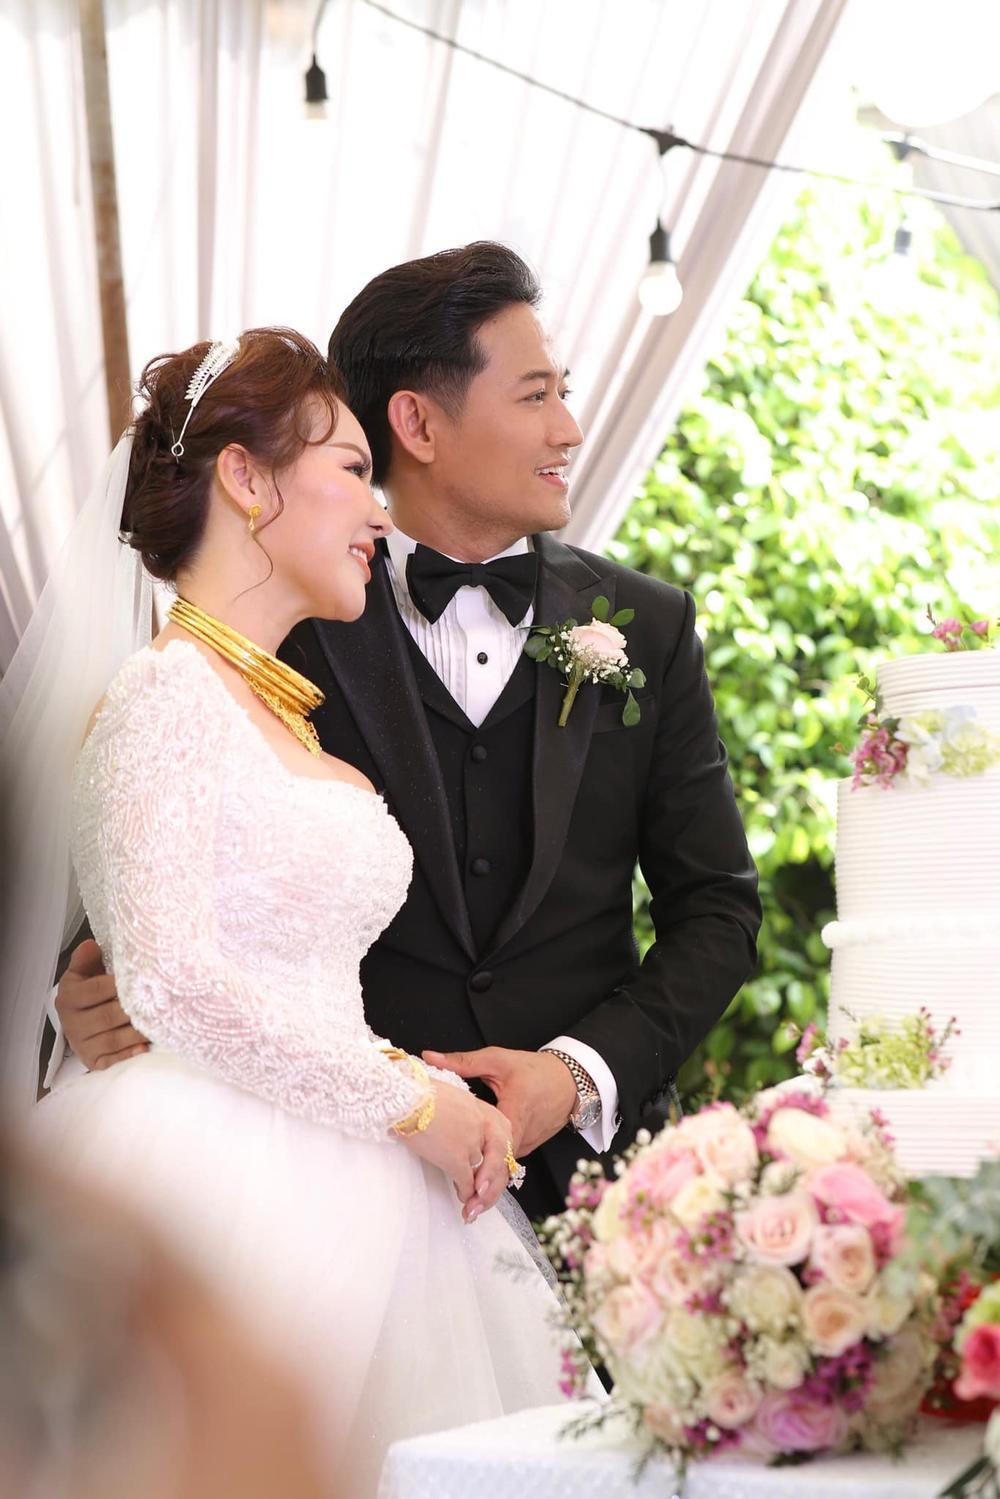 Vợ đại gia của Quý Bình khiến dân tình gật gù khi chia sẻ quan điểm về hạnh phúc Ảnh 1